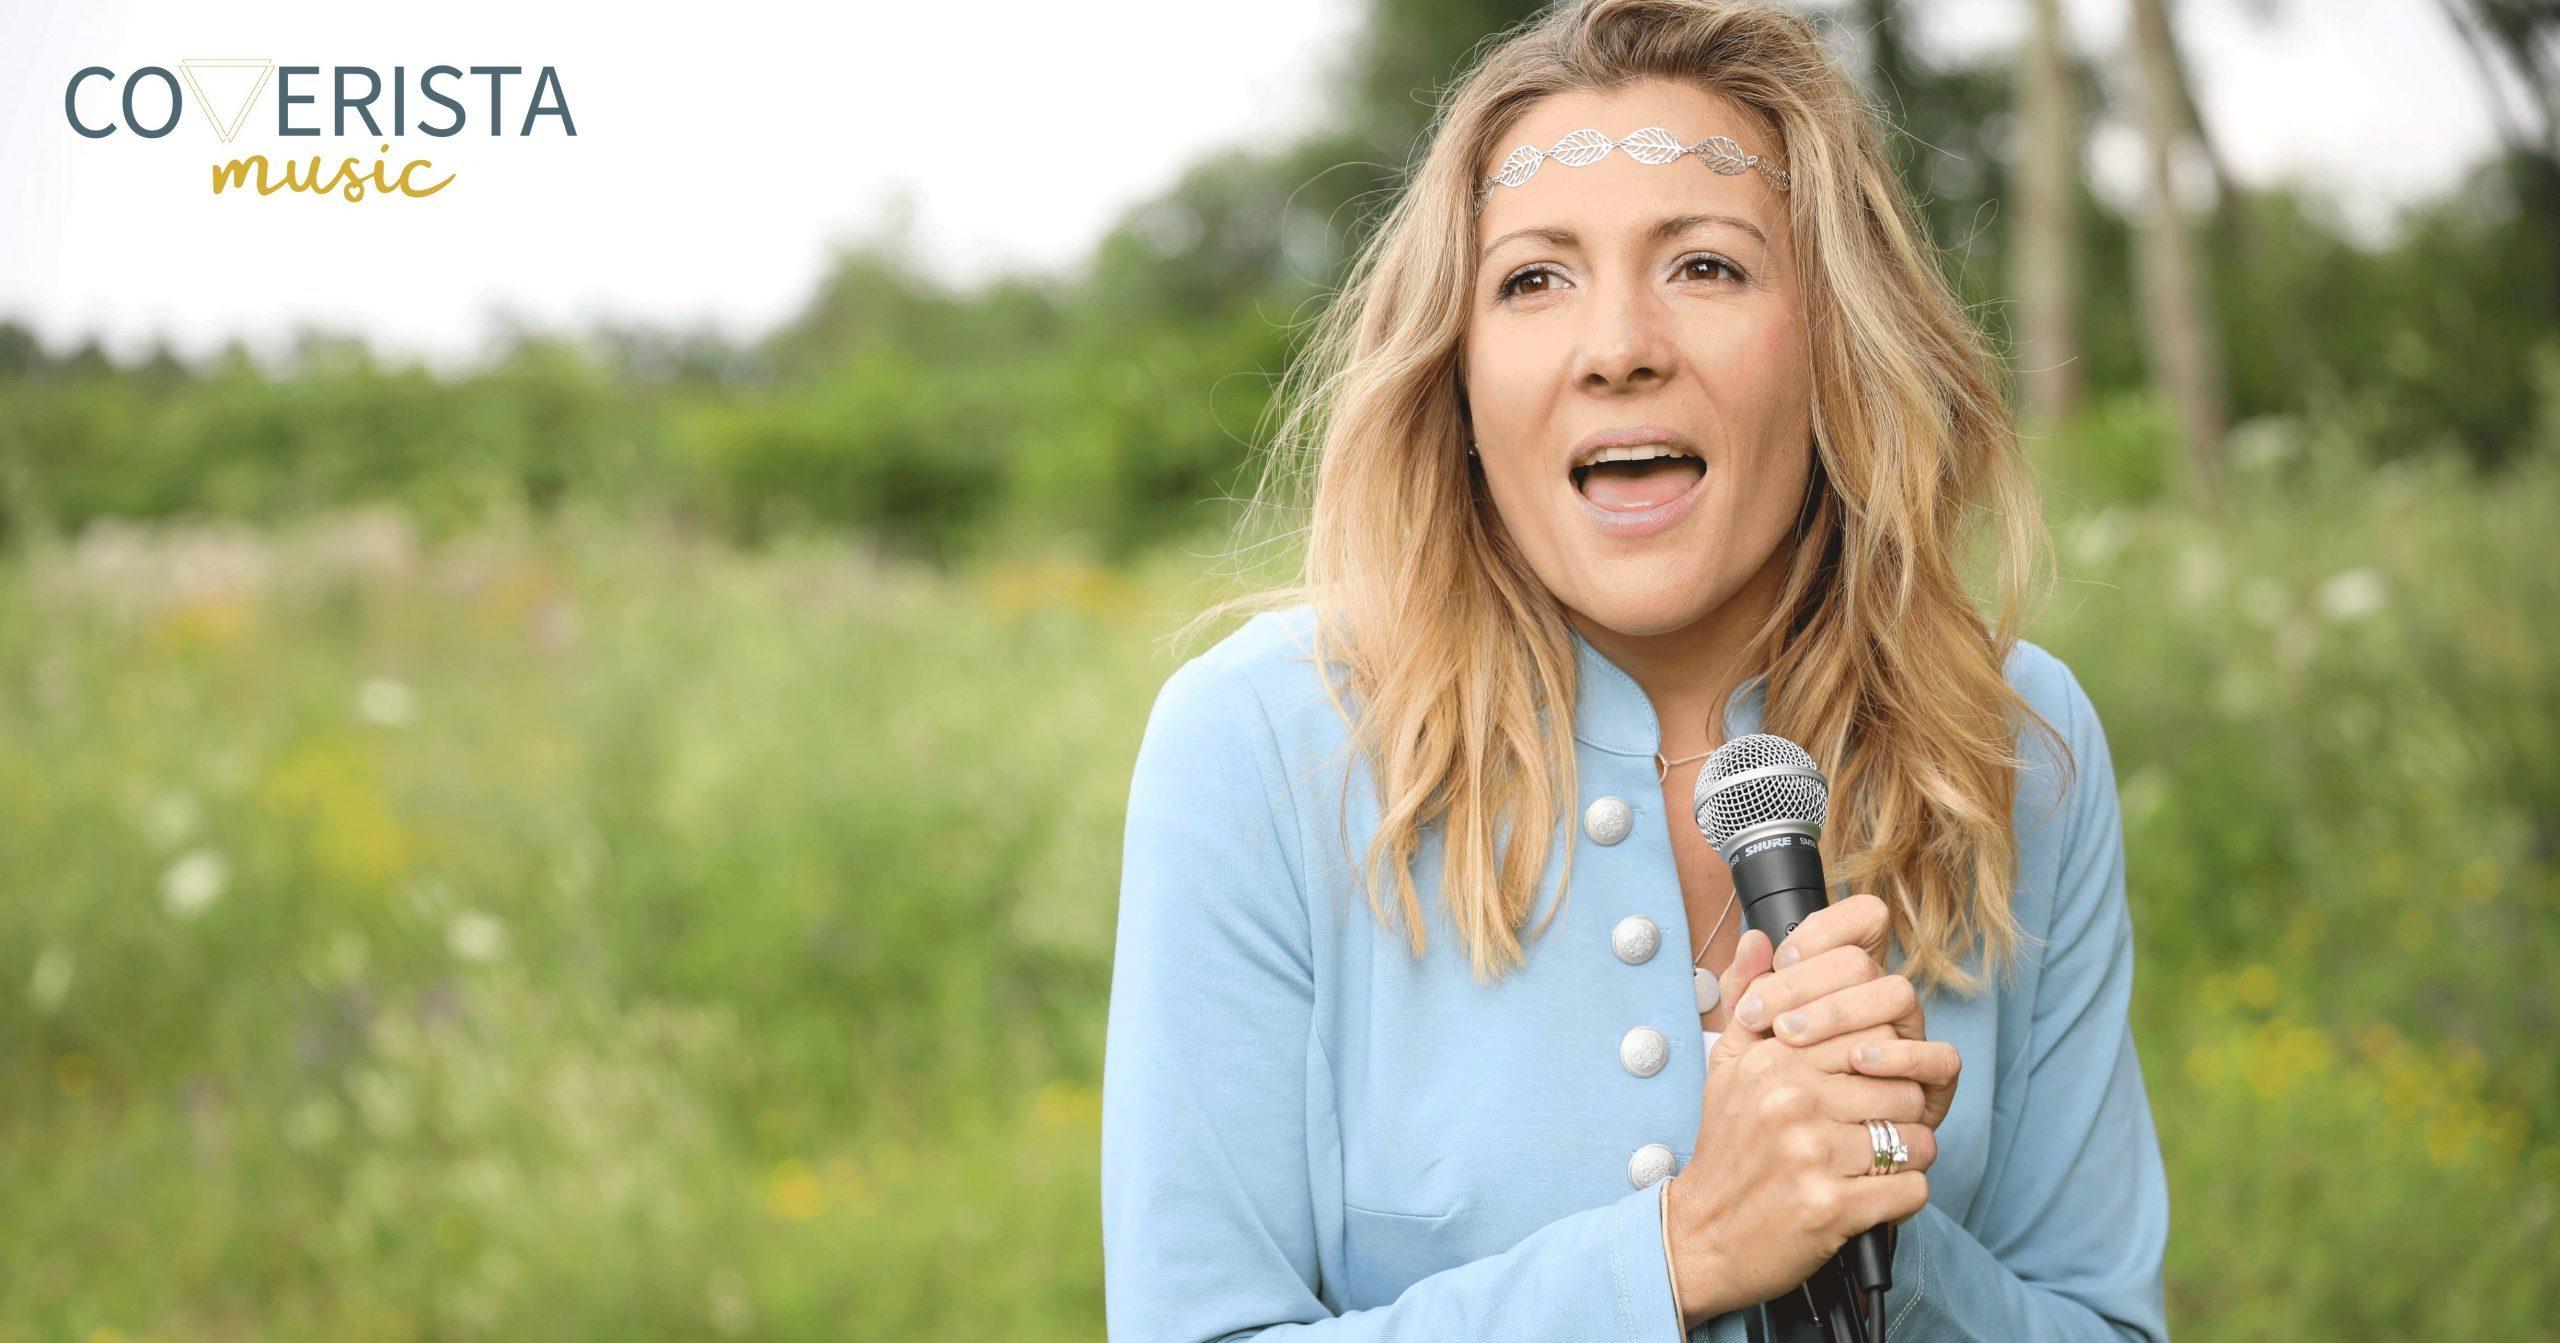 Coverista Sängerin Münster